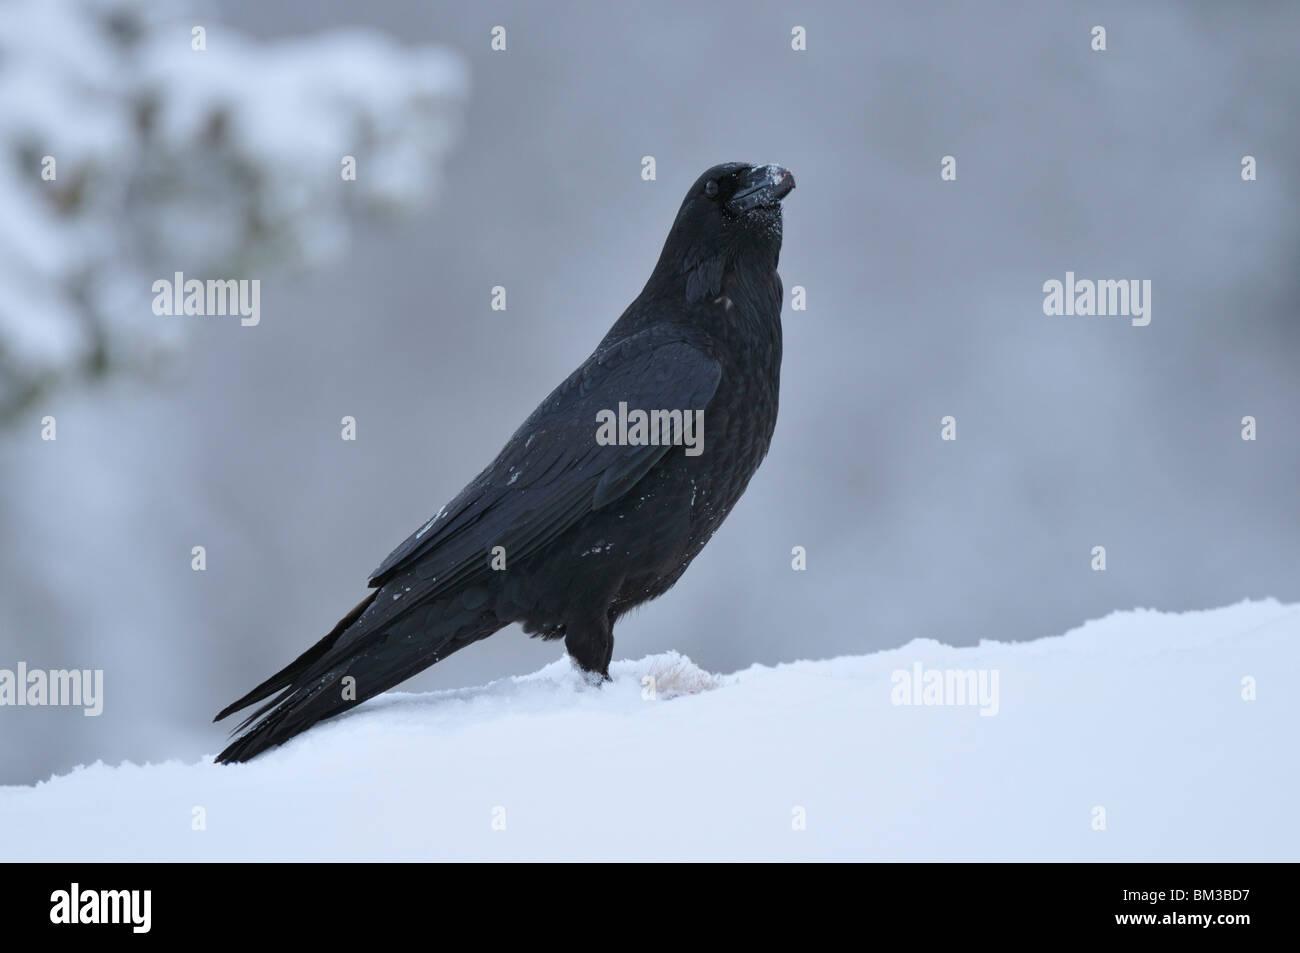 Kolkrabe (Corvus Corax), thront Erwachsenen auf Schnee. Stockbild